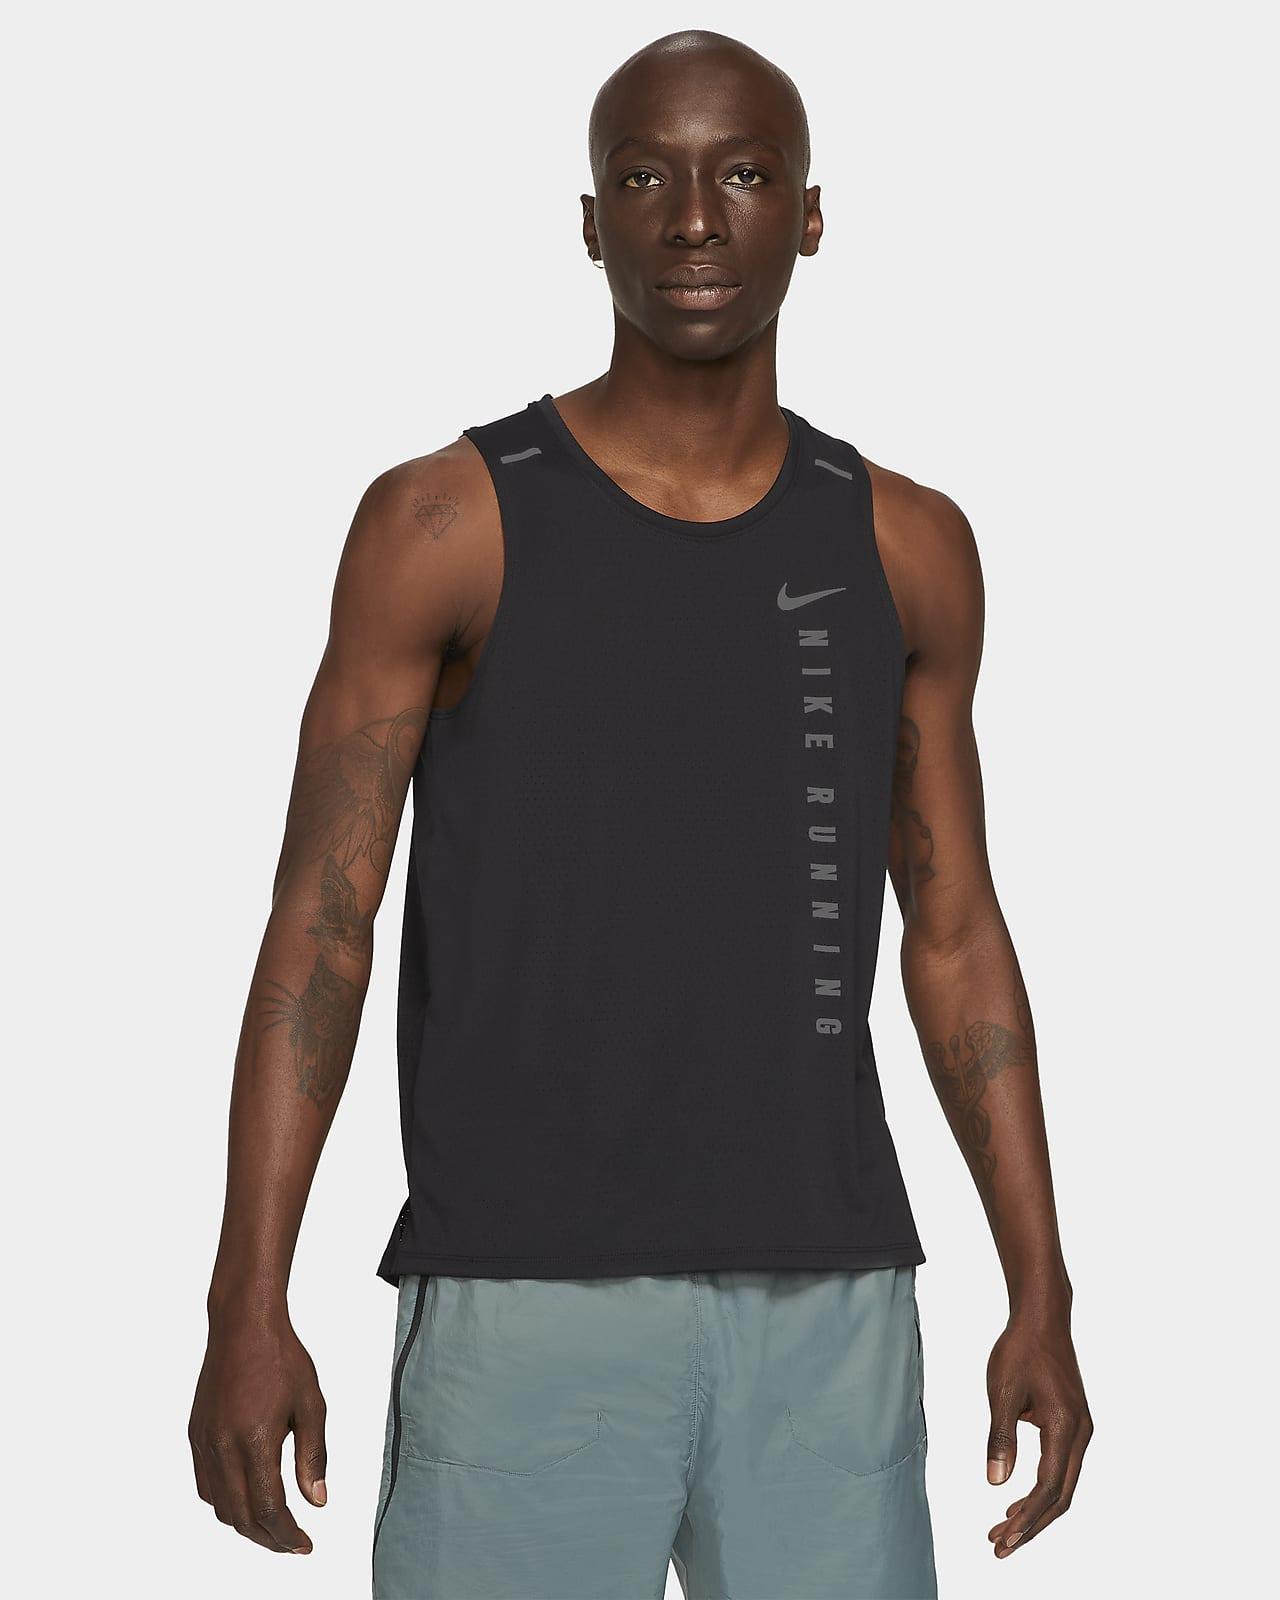 เสื้อกล้ามวิ่งผู้ชายไฮบริด Nike Miler Run Division